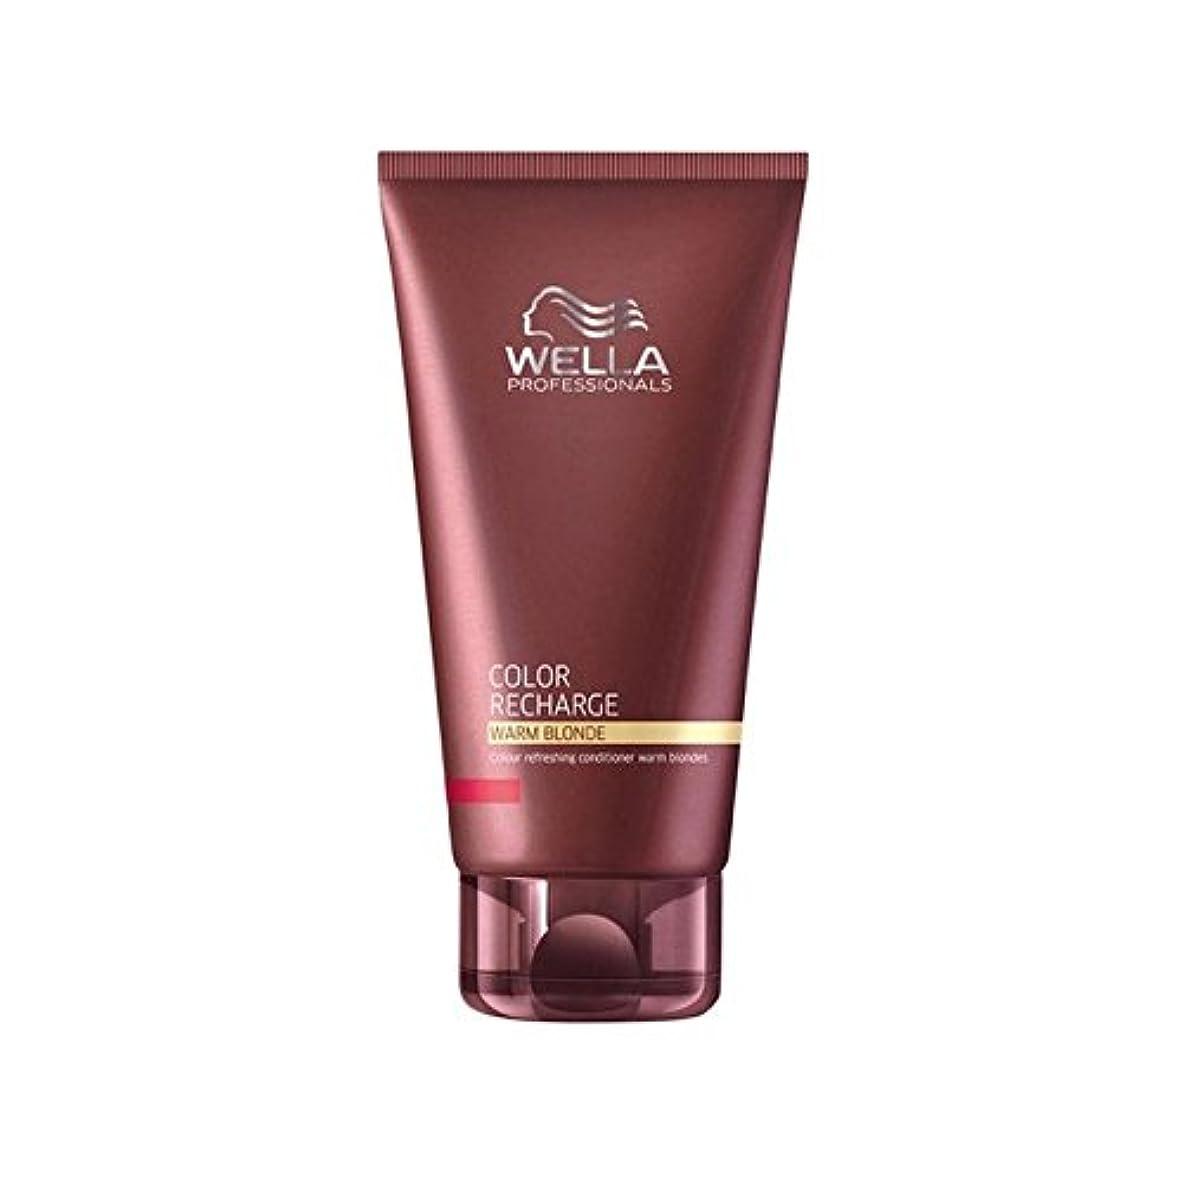 ランプエスカレーター分析的Wella Professionals Color Recharge Conditioner Warm Blonde (200ml) - ウエラ専門家のカラー再充電コンディショナー暖かいブロンド(200ミリリットル) [...